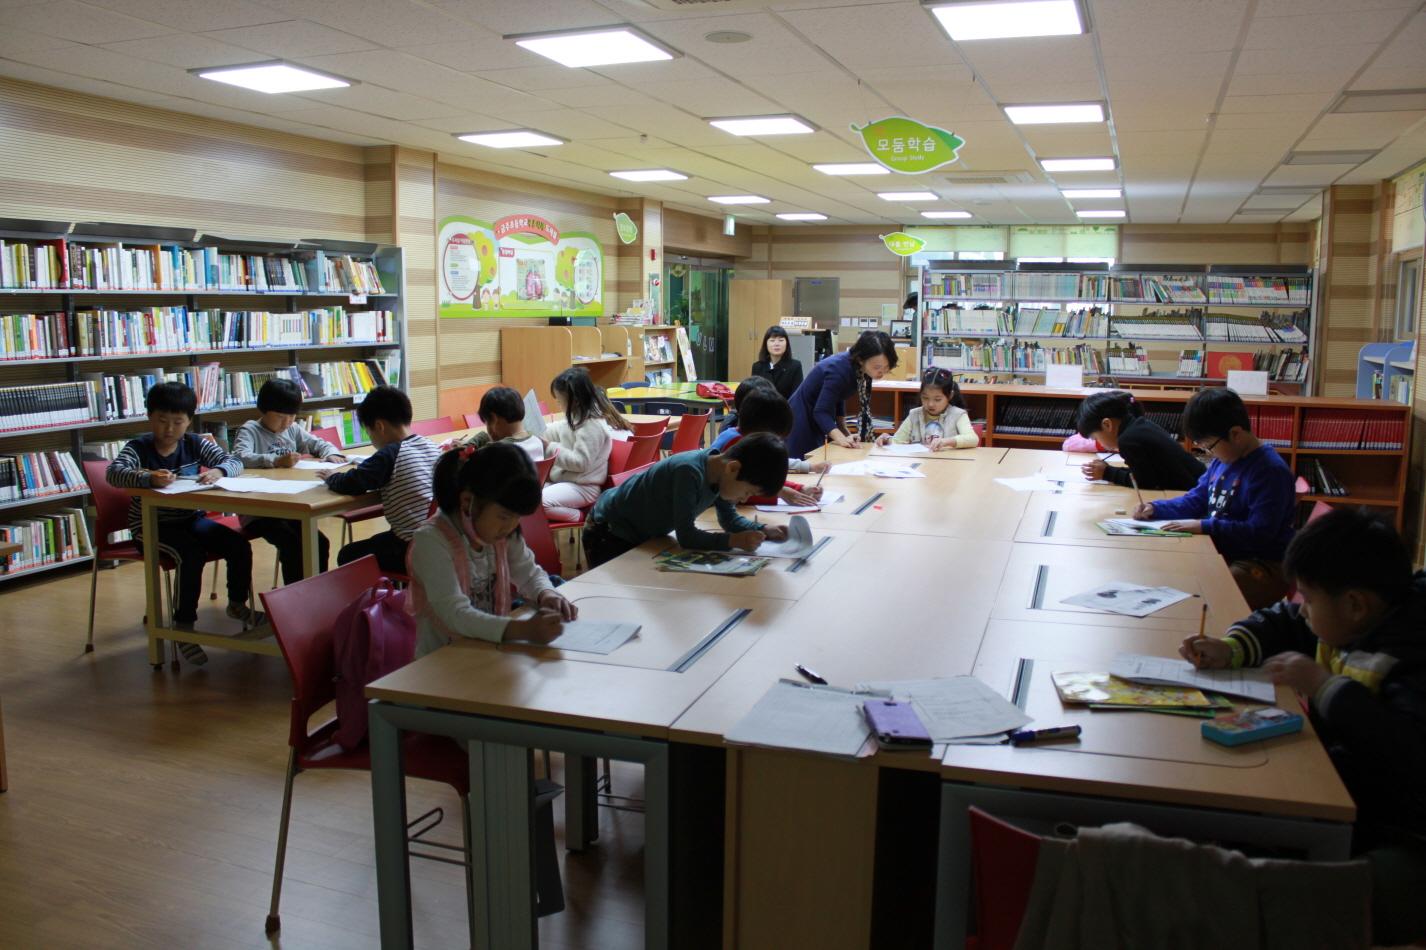 [일반] 방과후학교 학부모 공개수업3의 첨부이미지 2